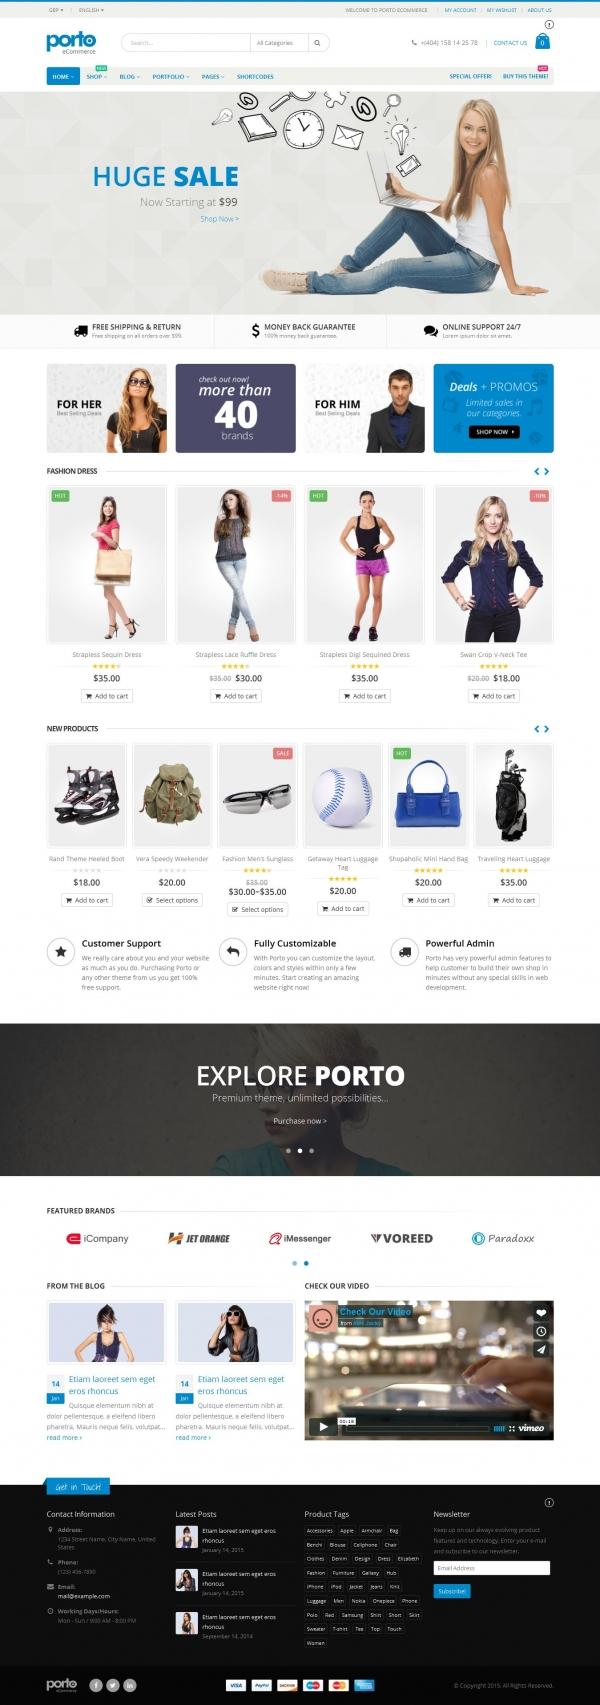 Mẫu web bán hàng thời trang cực đẹp Porto